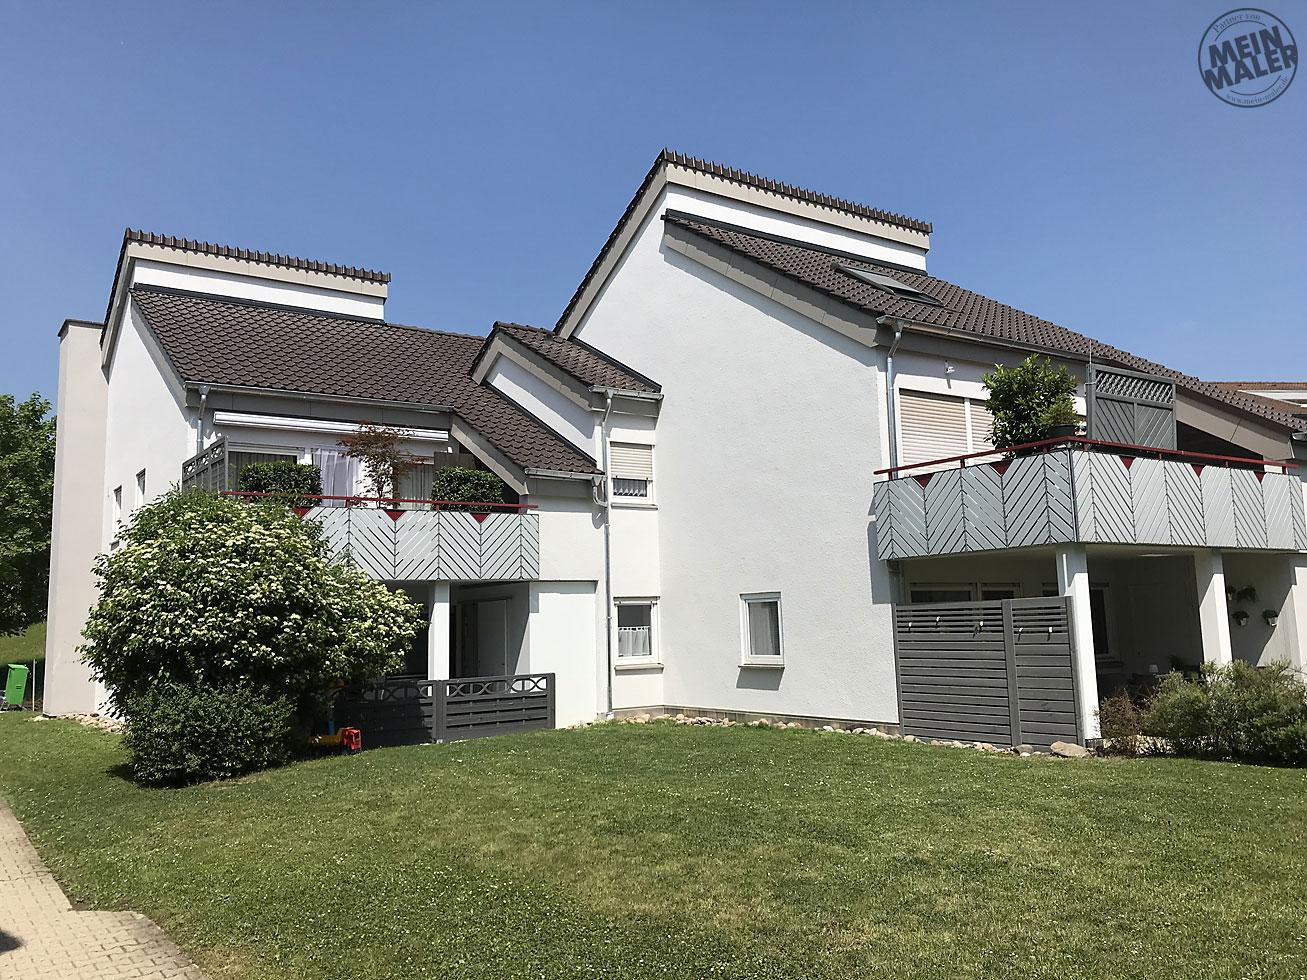 Fassadensanierung Eines Mehrfamilienhauses In Eningen Macht